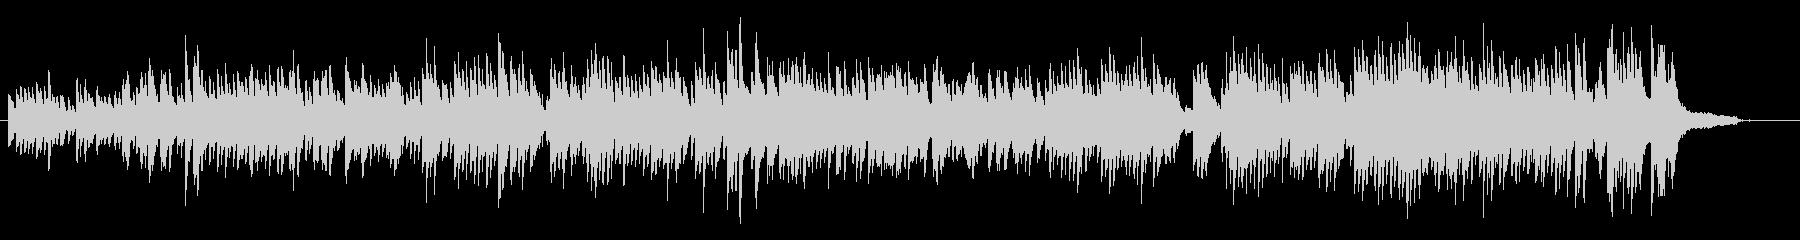 バッハのインベイジョン2番 の未再生の波形